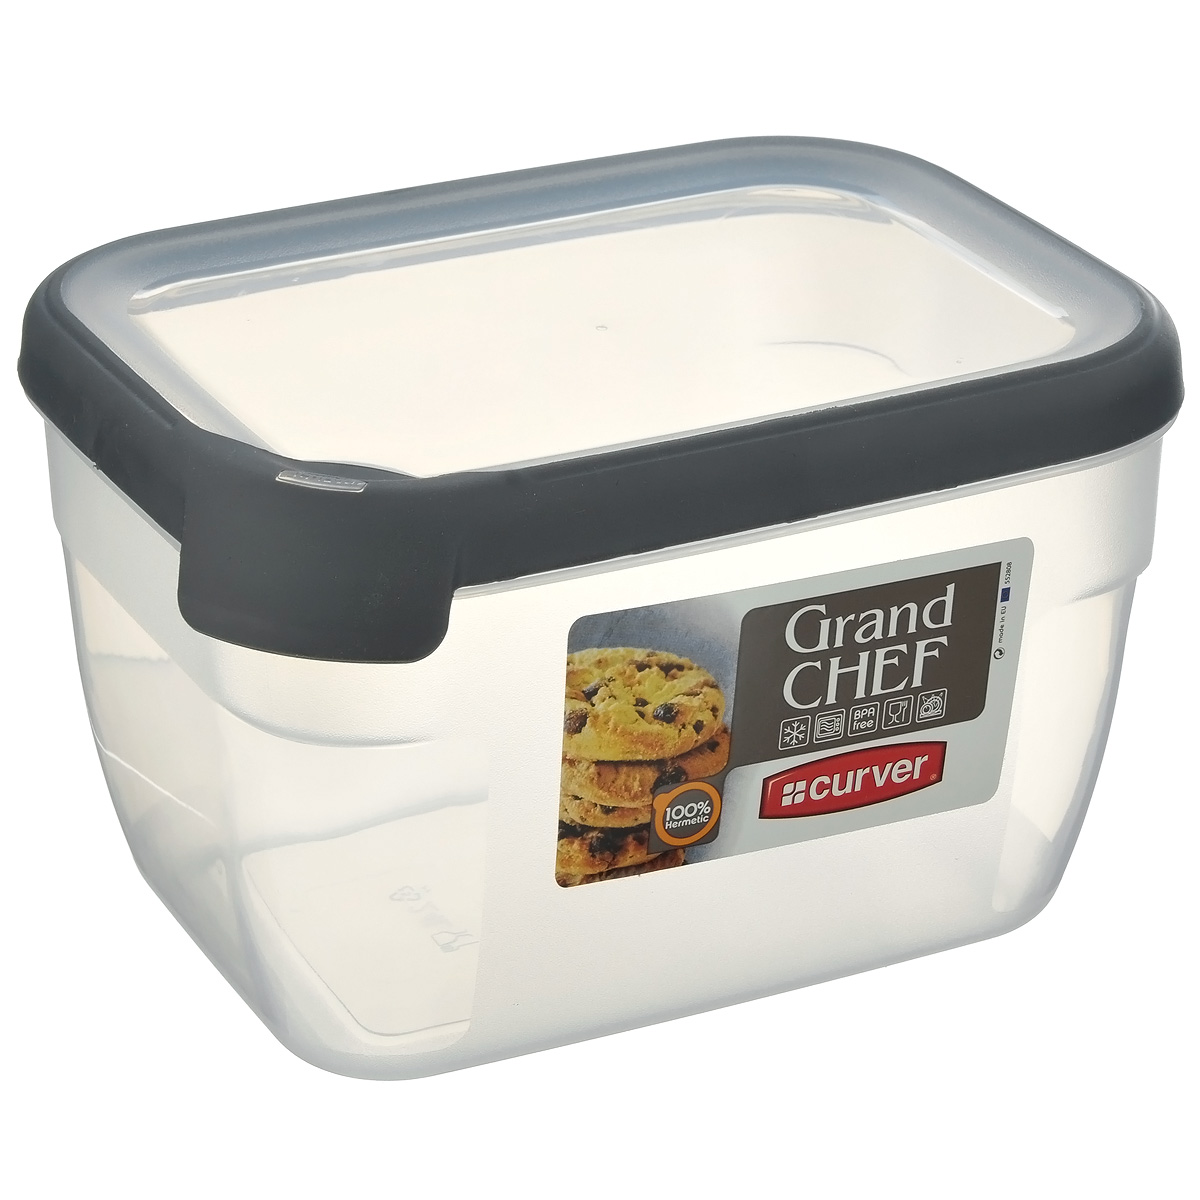 Емкость для заморозки и СВЧ Curver Grand Chef, цвет: серый, 2,4 лМ 2829Прямоугольная емкость для заморозки и СВЧ Grand Chef изготовлена из высококачественного пищевого пластика (BPA free), который выдерживает температуру от -40°С до +100°С. Стенки емкости и крышка прозрачные. Крышка по краю оснащена силиконовой вставкой, благодаря которой плотно и герметично закрывается, дольше сохраняя продукты свежими и вкусными. Емкость удобно брать с собой на пикник, дачу, в поход или просто использовать для хранения пищи в холодильнике.Можно использовать в микроволновой печи и для заморозки в морозильной камере. Можно мыть в посудомоечной машине.